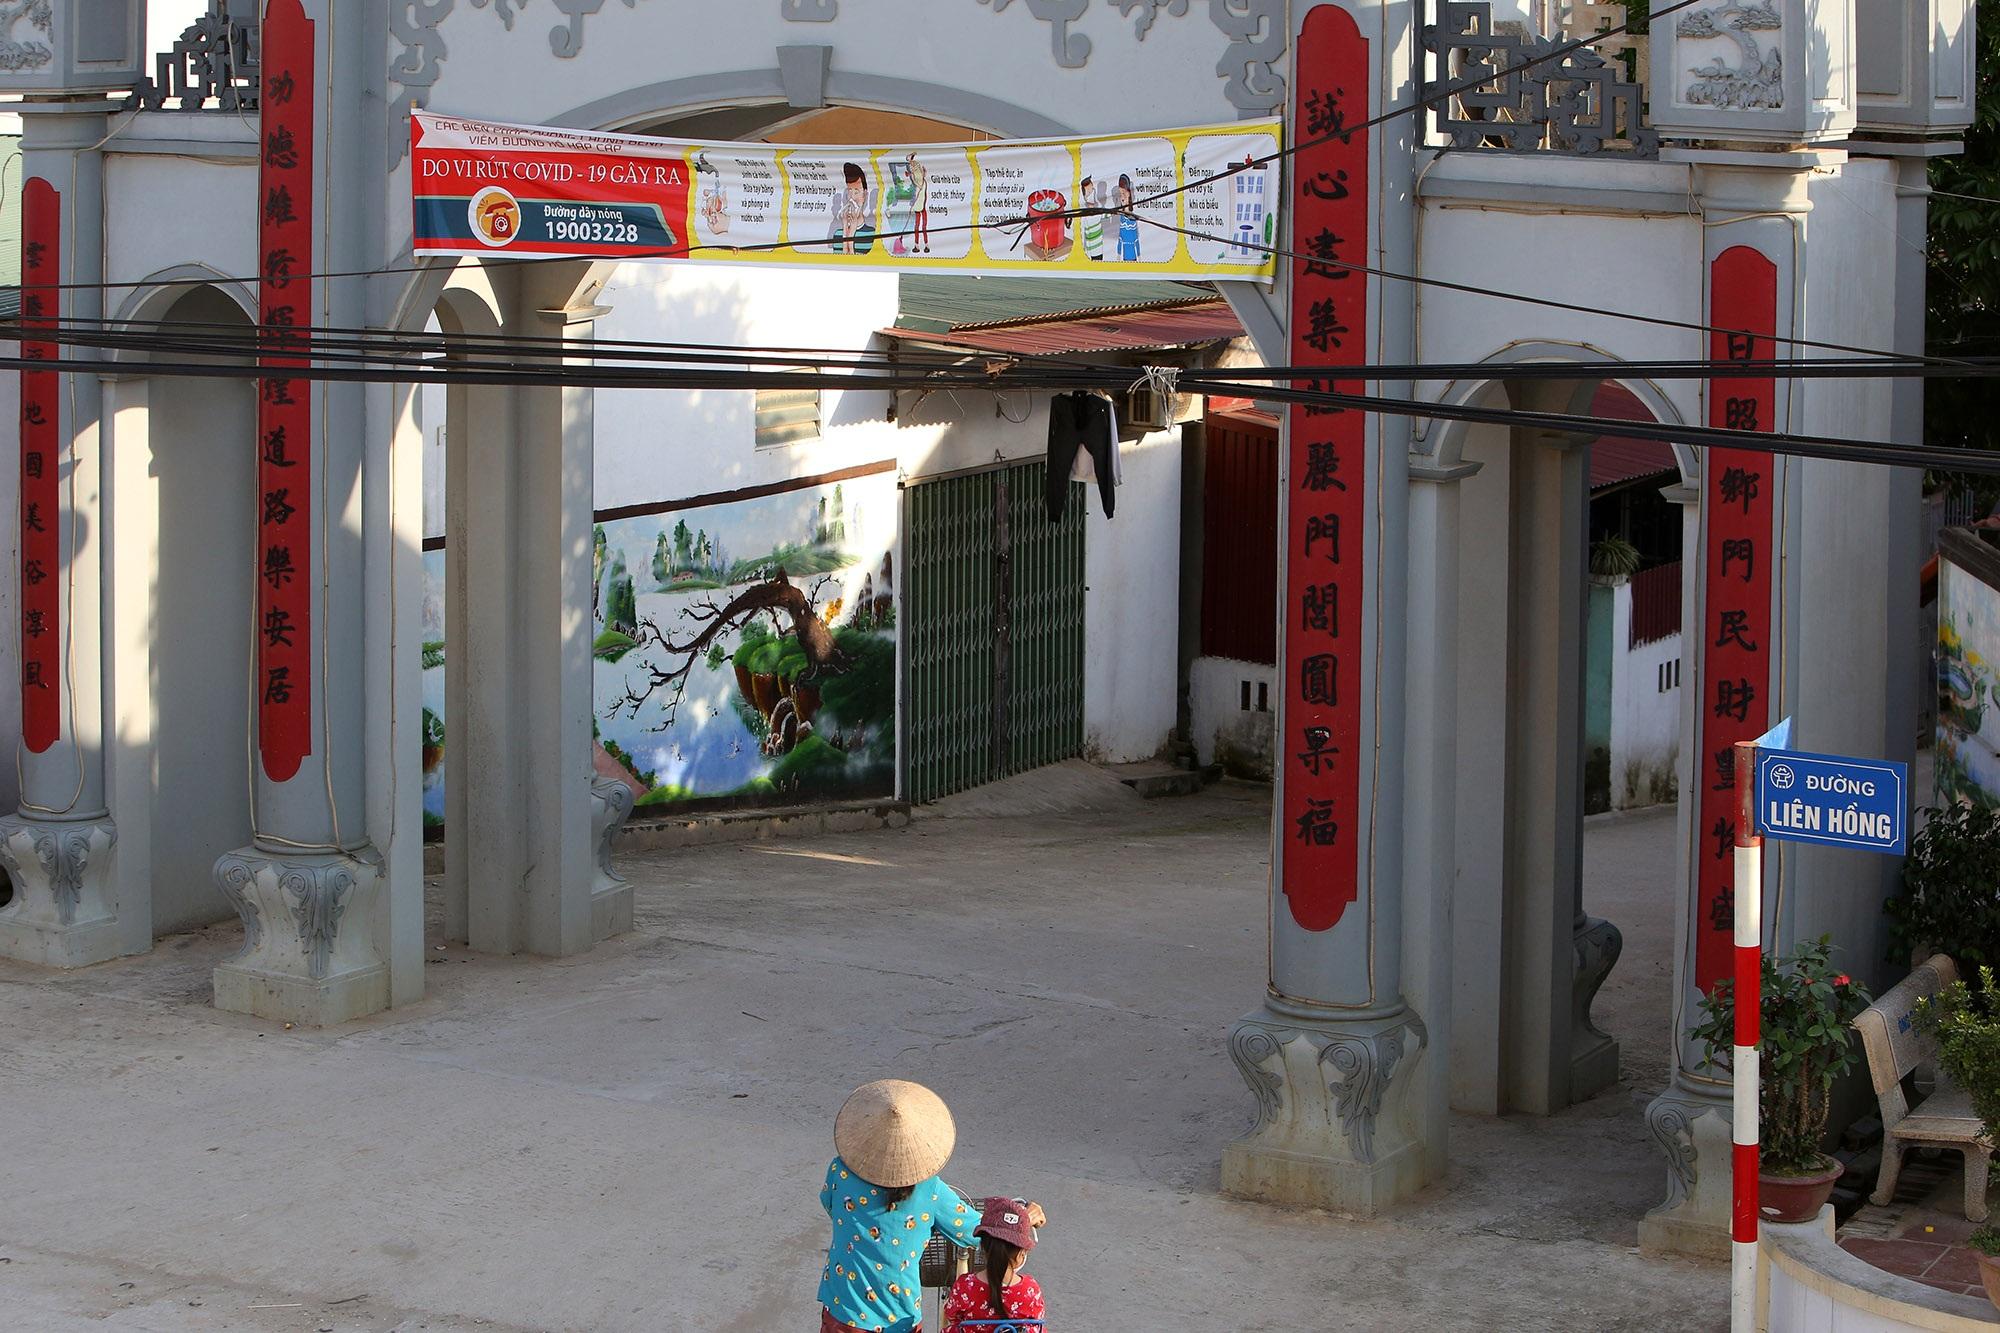 Vùng đất có nhiều cổng làng khủng - 6